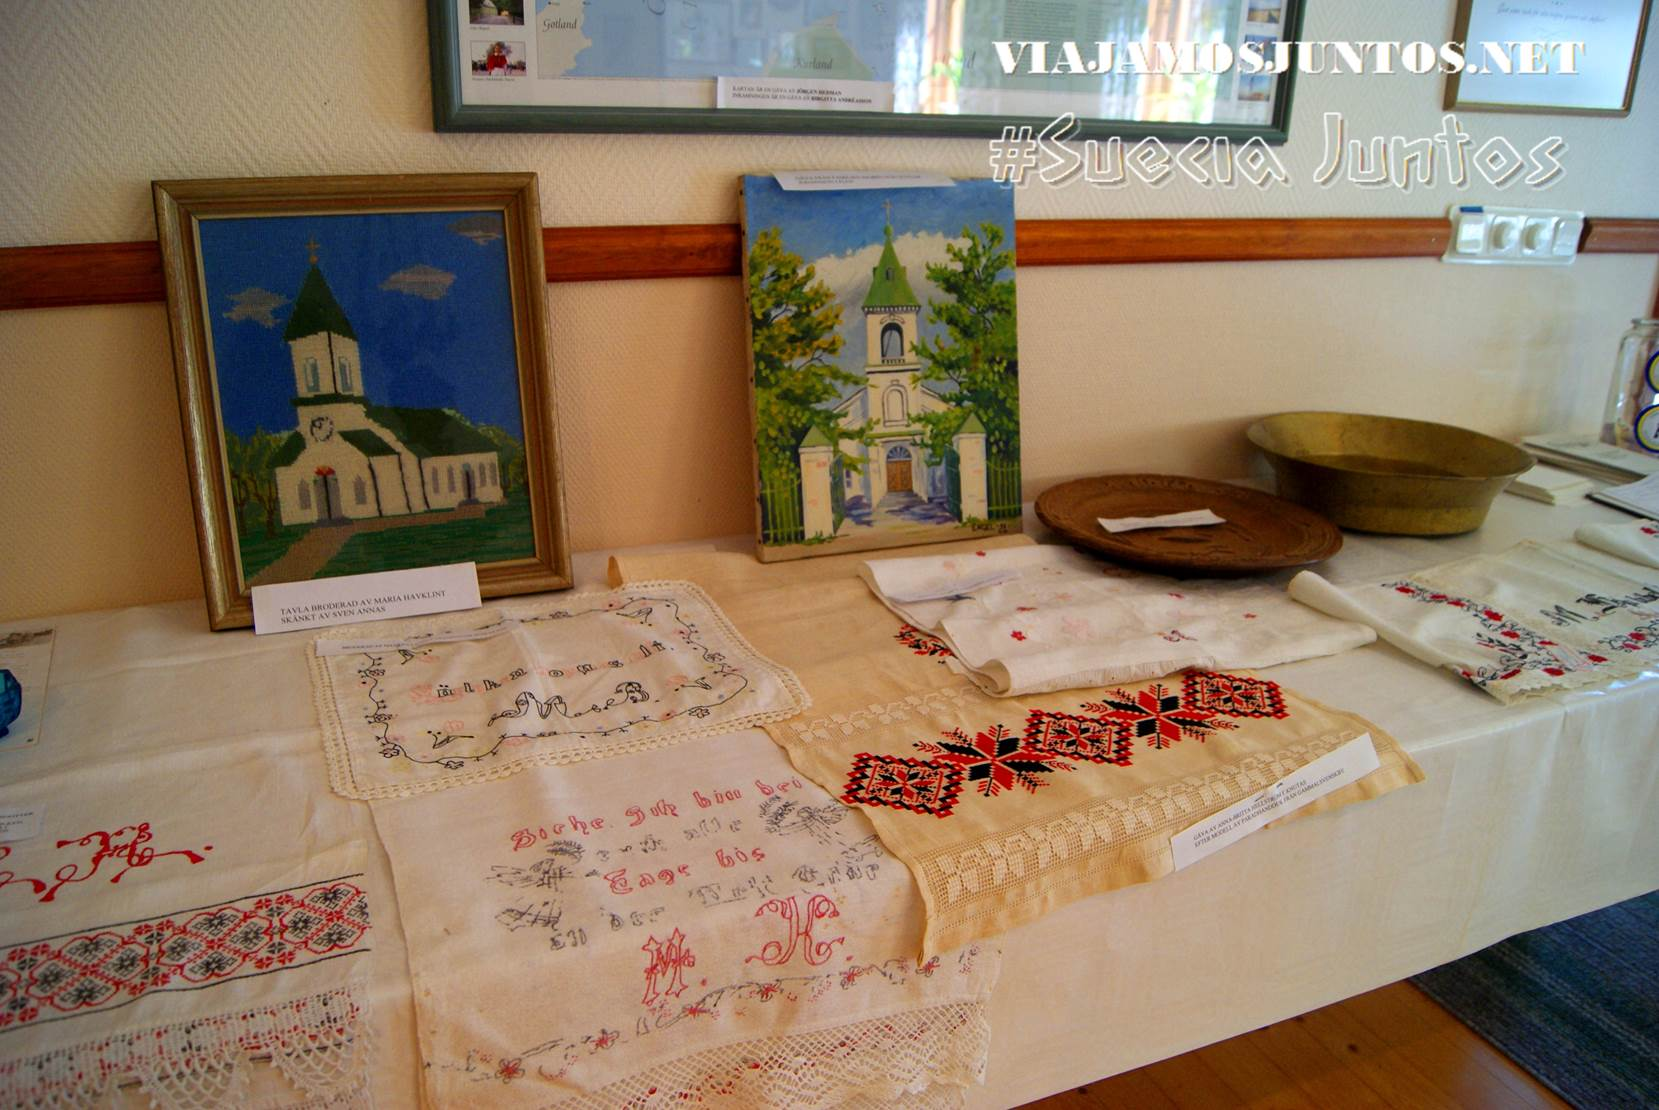 Exposición ucraniana en el museo de los emigrantes suecos, isla de Gotland, Suecia